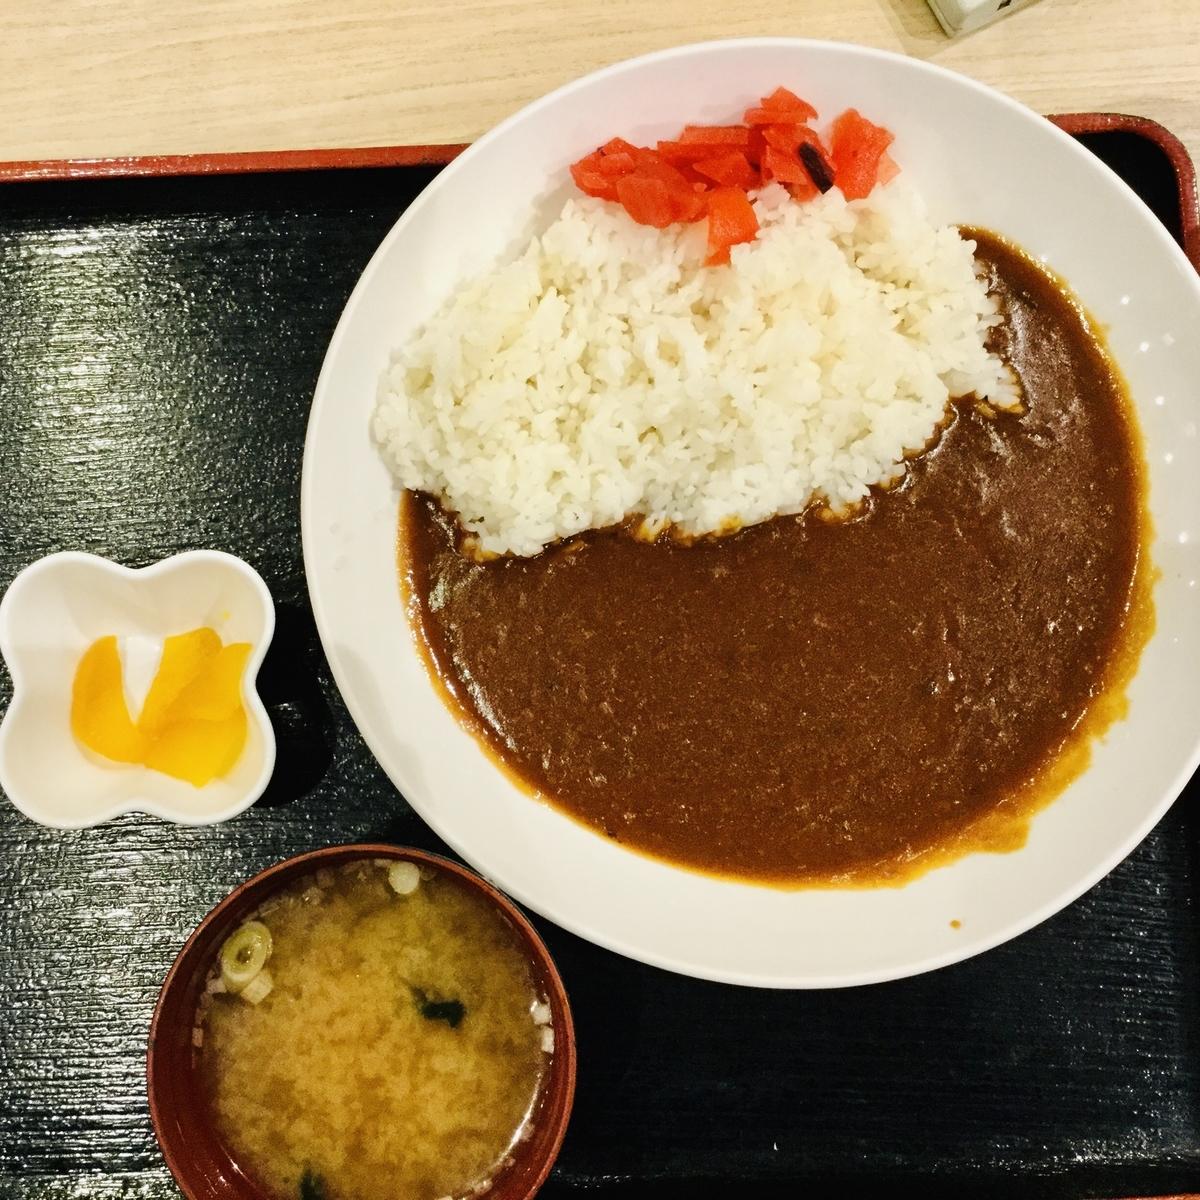 f:id:yumeusagiyukiusagi:20200209090417j:plain